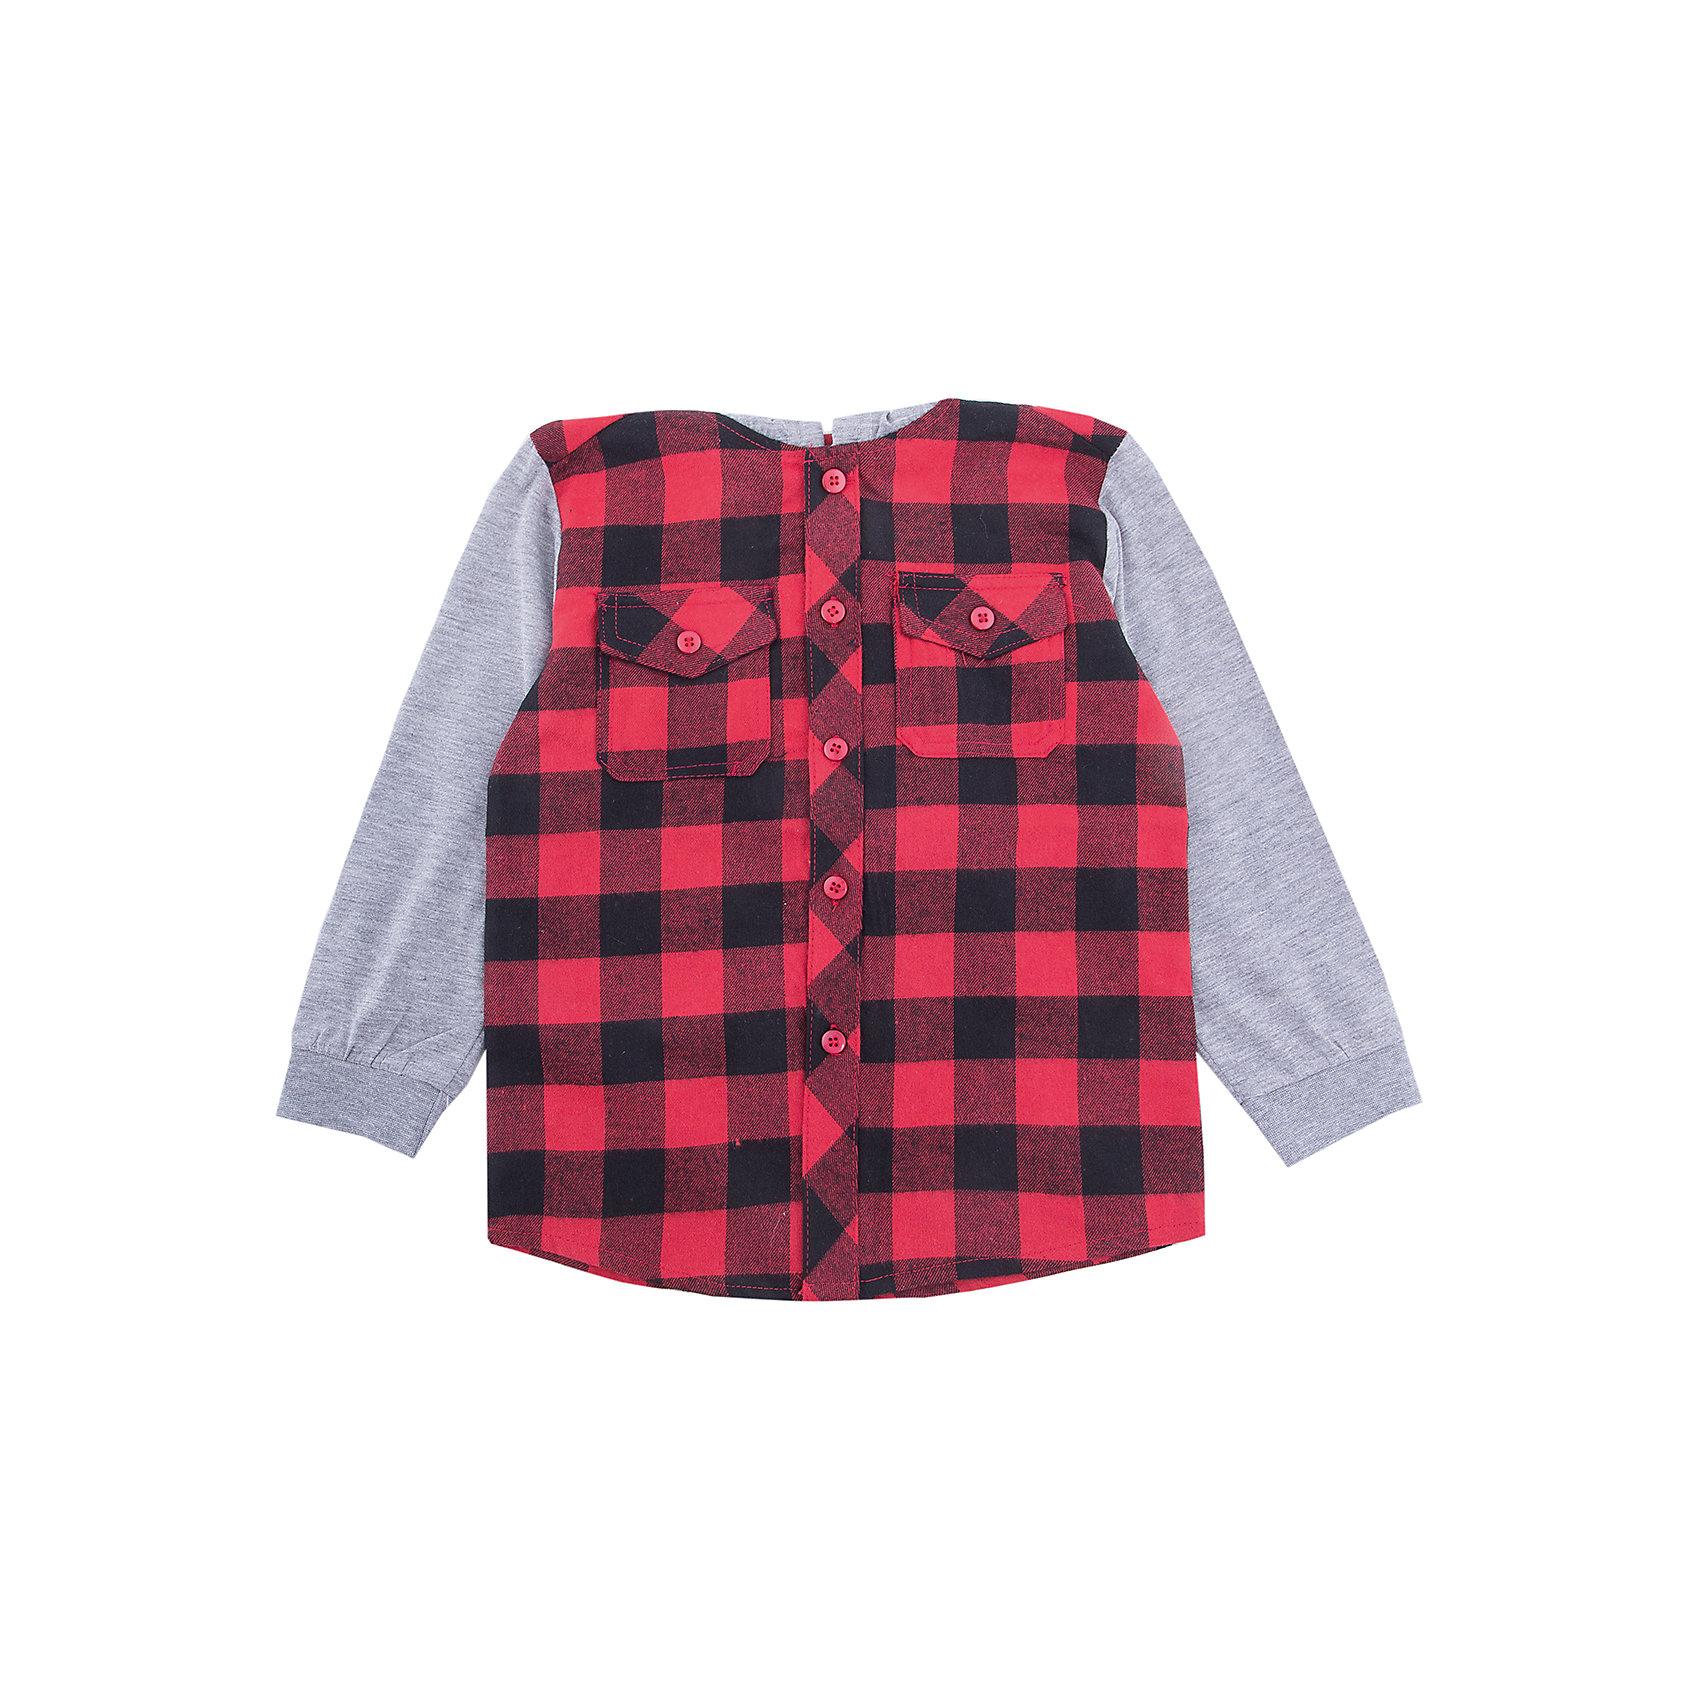 Рубашка PlayToday для мальчикаБлузки и рубашки<br>Рубашка PlayToday для мальчика<br>Эффектная сорочка с капюшоном в стиле кантри.  Практична и очень удобна для повседневной носки. Ткань мягкая и приятная на ощупь, не раздражает нежную детскую кожу. Стиль отвечает всем последним тенденциям детской моды. Модель с двумя накладными карманами. Манжеты на мягких трикотажных резинках. Капюшон и рукава контрастного цвета.<br>Состав:<br>80% хлопок, 20% полиэстер<br><br>Ширина мм: 174<br>Глубина мм: 10<br>Высота мм: 169<br>Вес г: 157<br>Цвет: белый<br>Возраст от месяцев: 84<br>Возраст до месяцев: 96<br>Пол: Мужской<br>Возраст: Детский<br>Размер: 128,98,104,110,116,122<br>SKU: 7111365